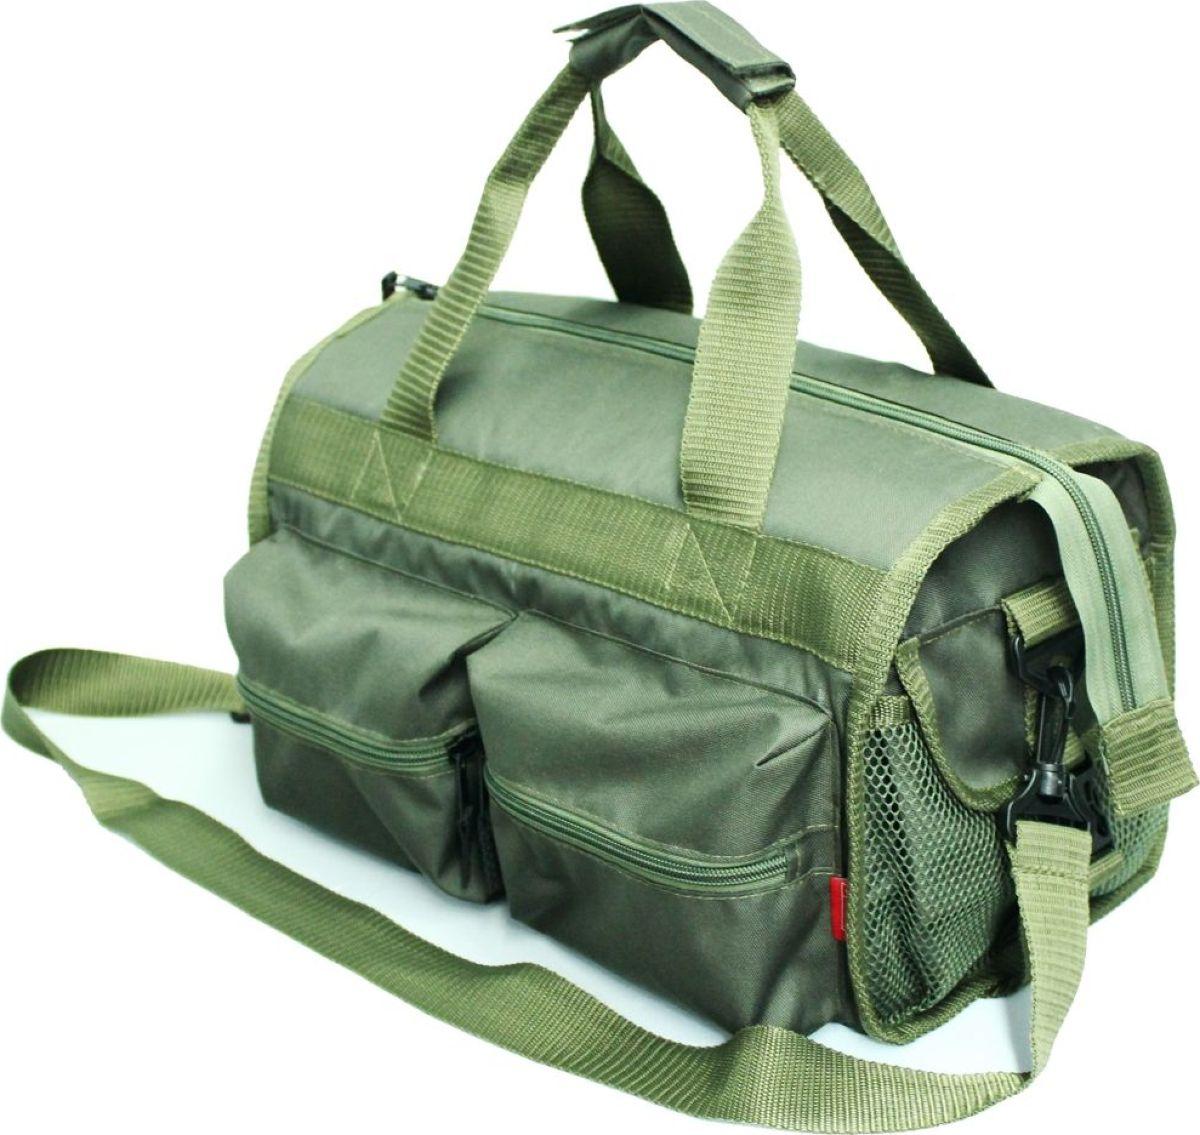 Сумка рыбака Tplus 600, цвет: олива, 36 x 20 x 20 см сумка рыбака tplus 600 цвет олива 36 x 20 x 20 см